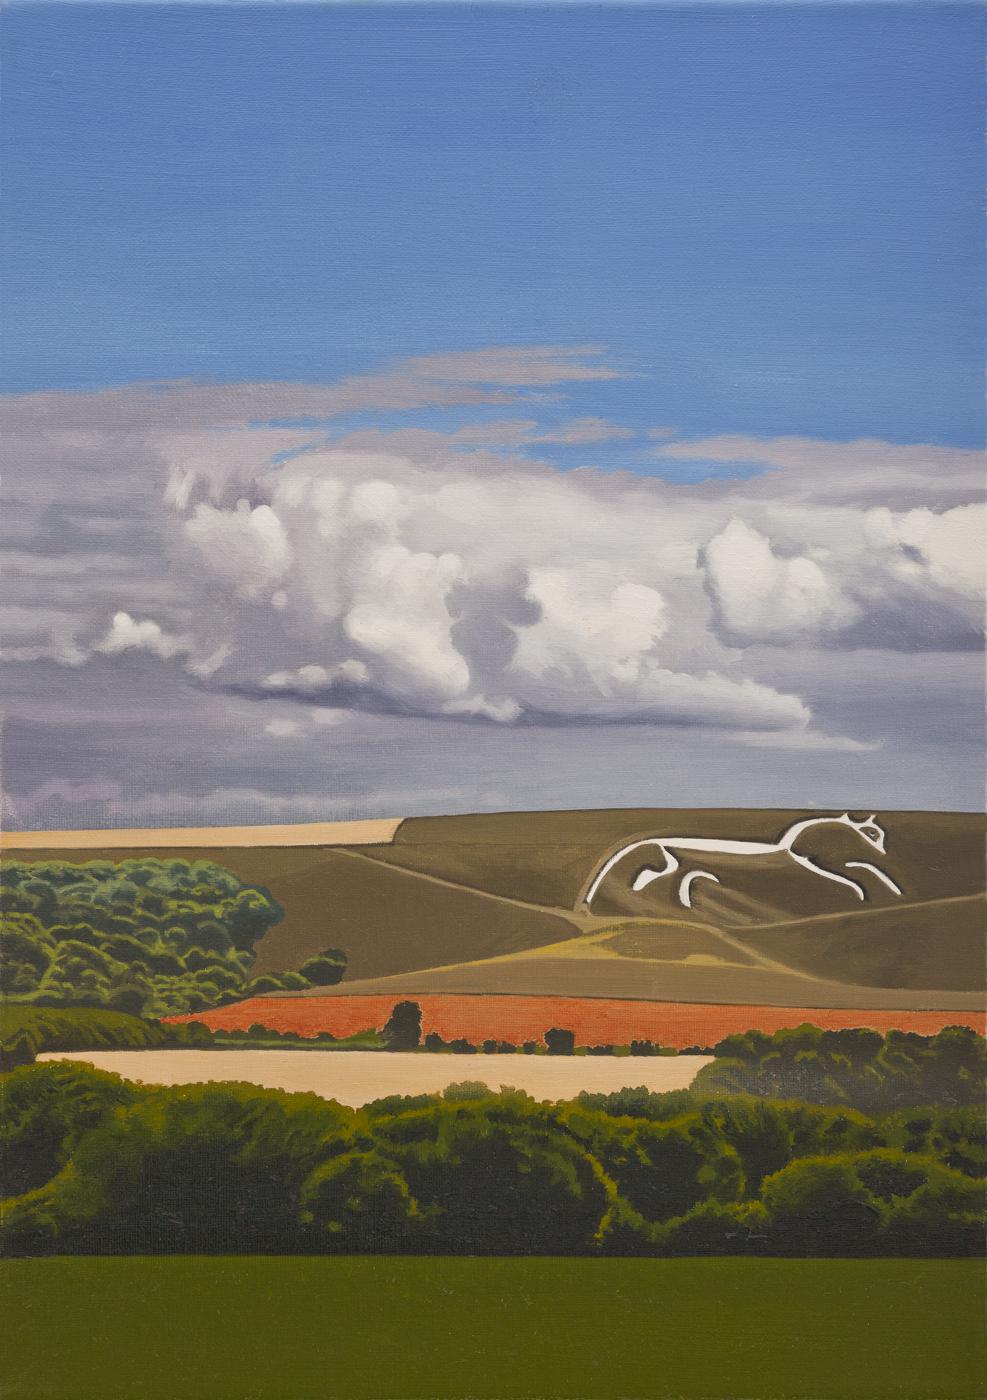 Uffington White Horse